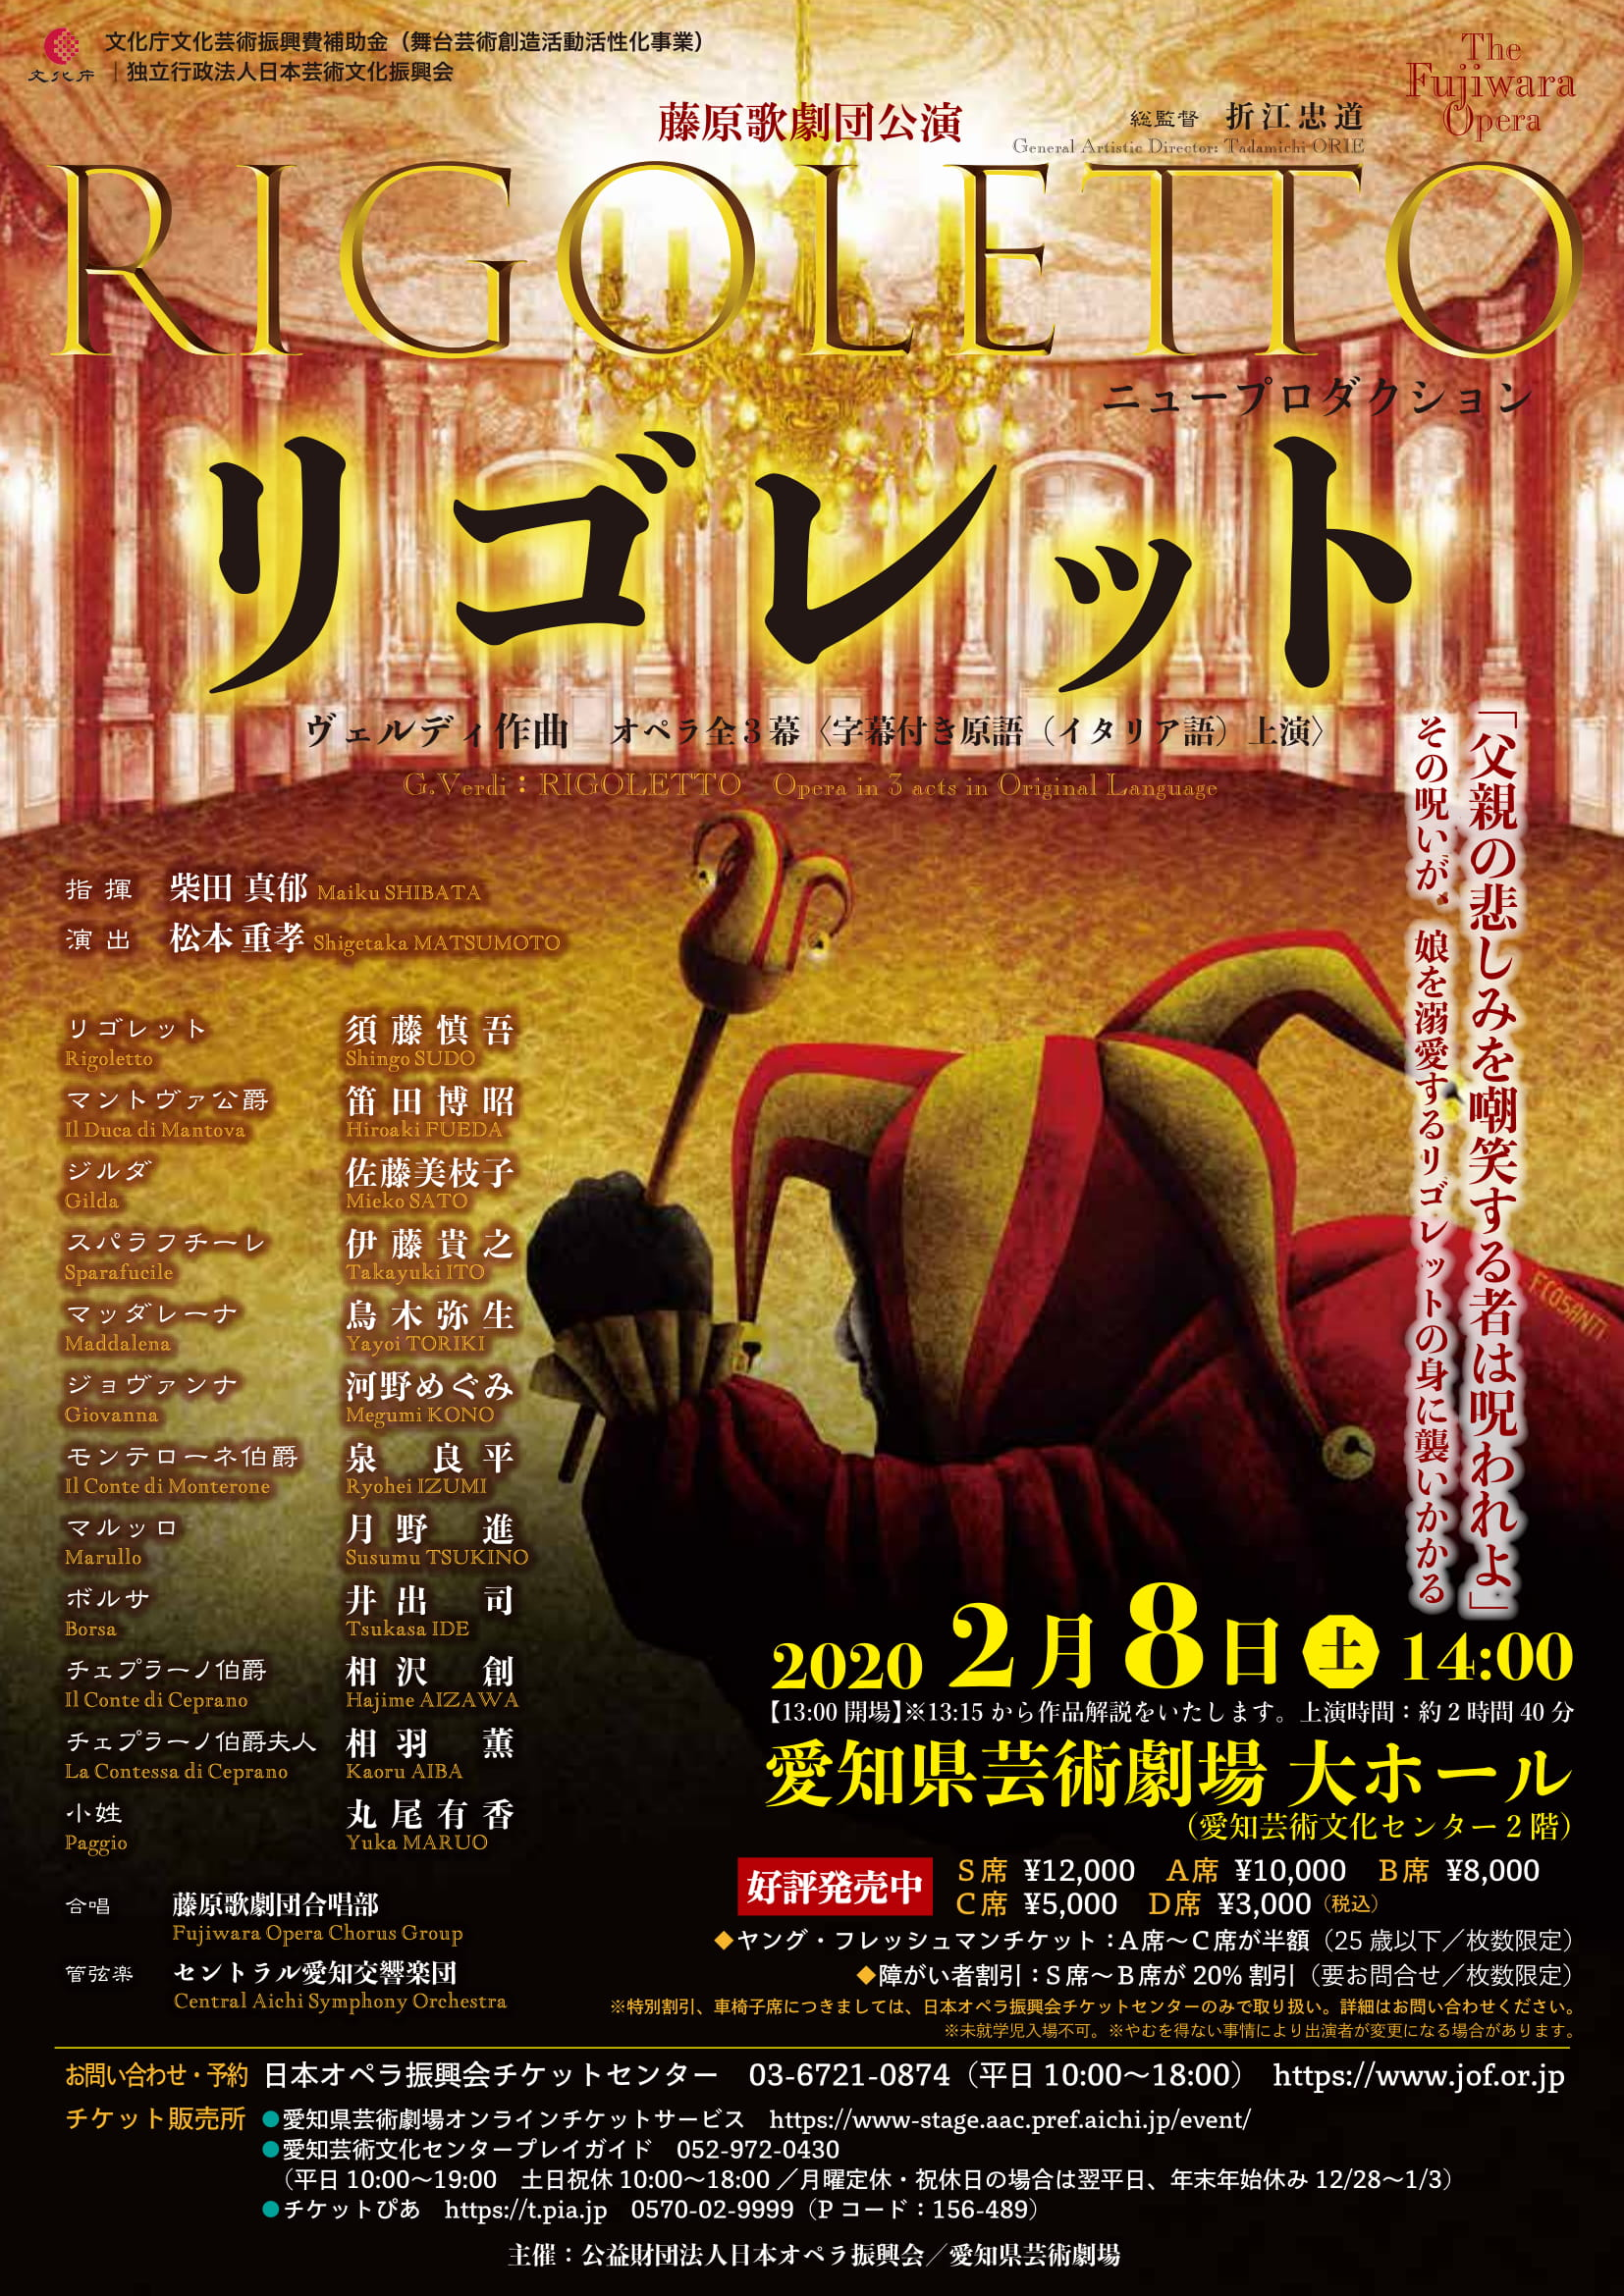 藤原歌劇団公演 ヴェルディ作曲 オペラ『リゴレット』